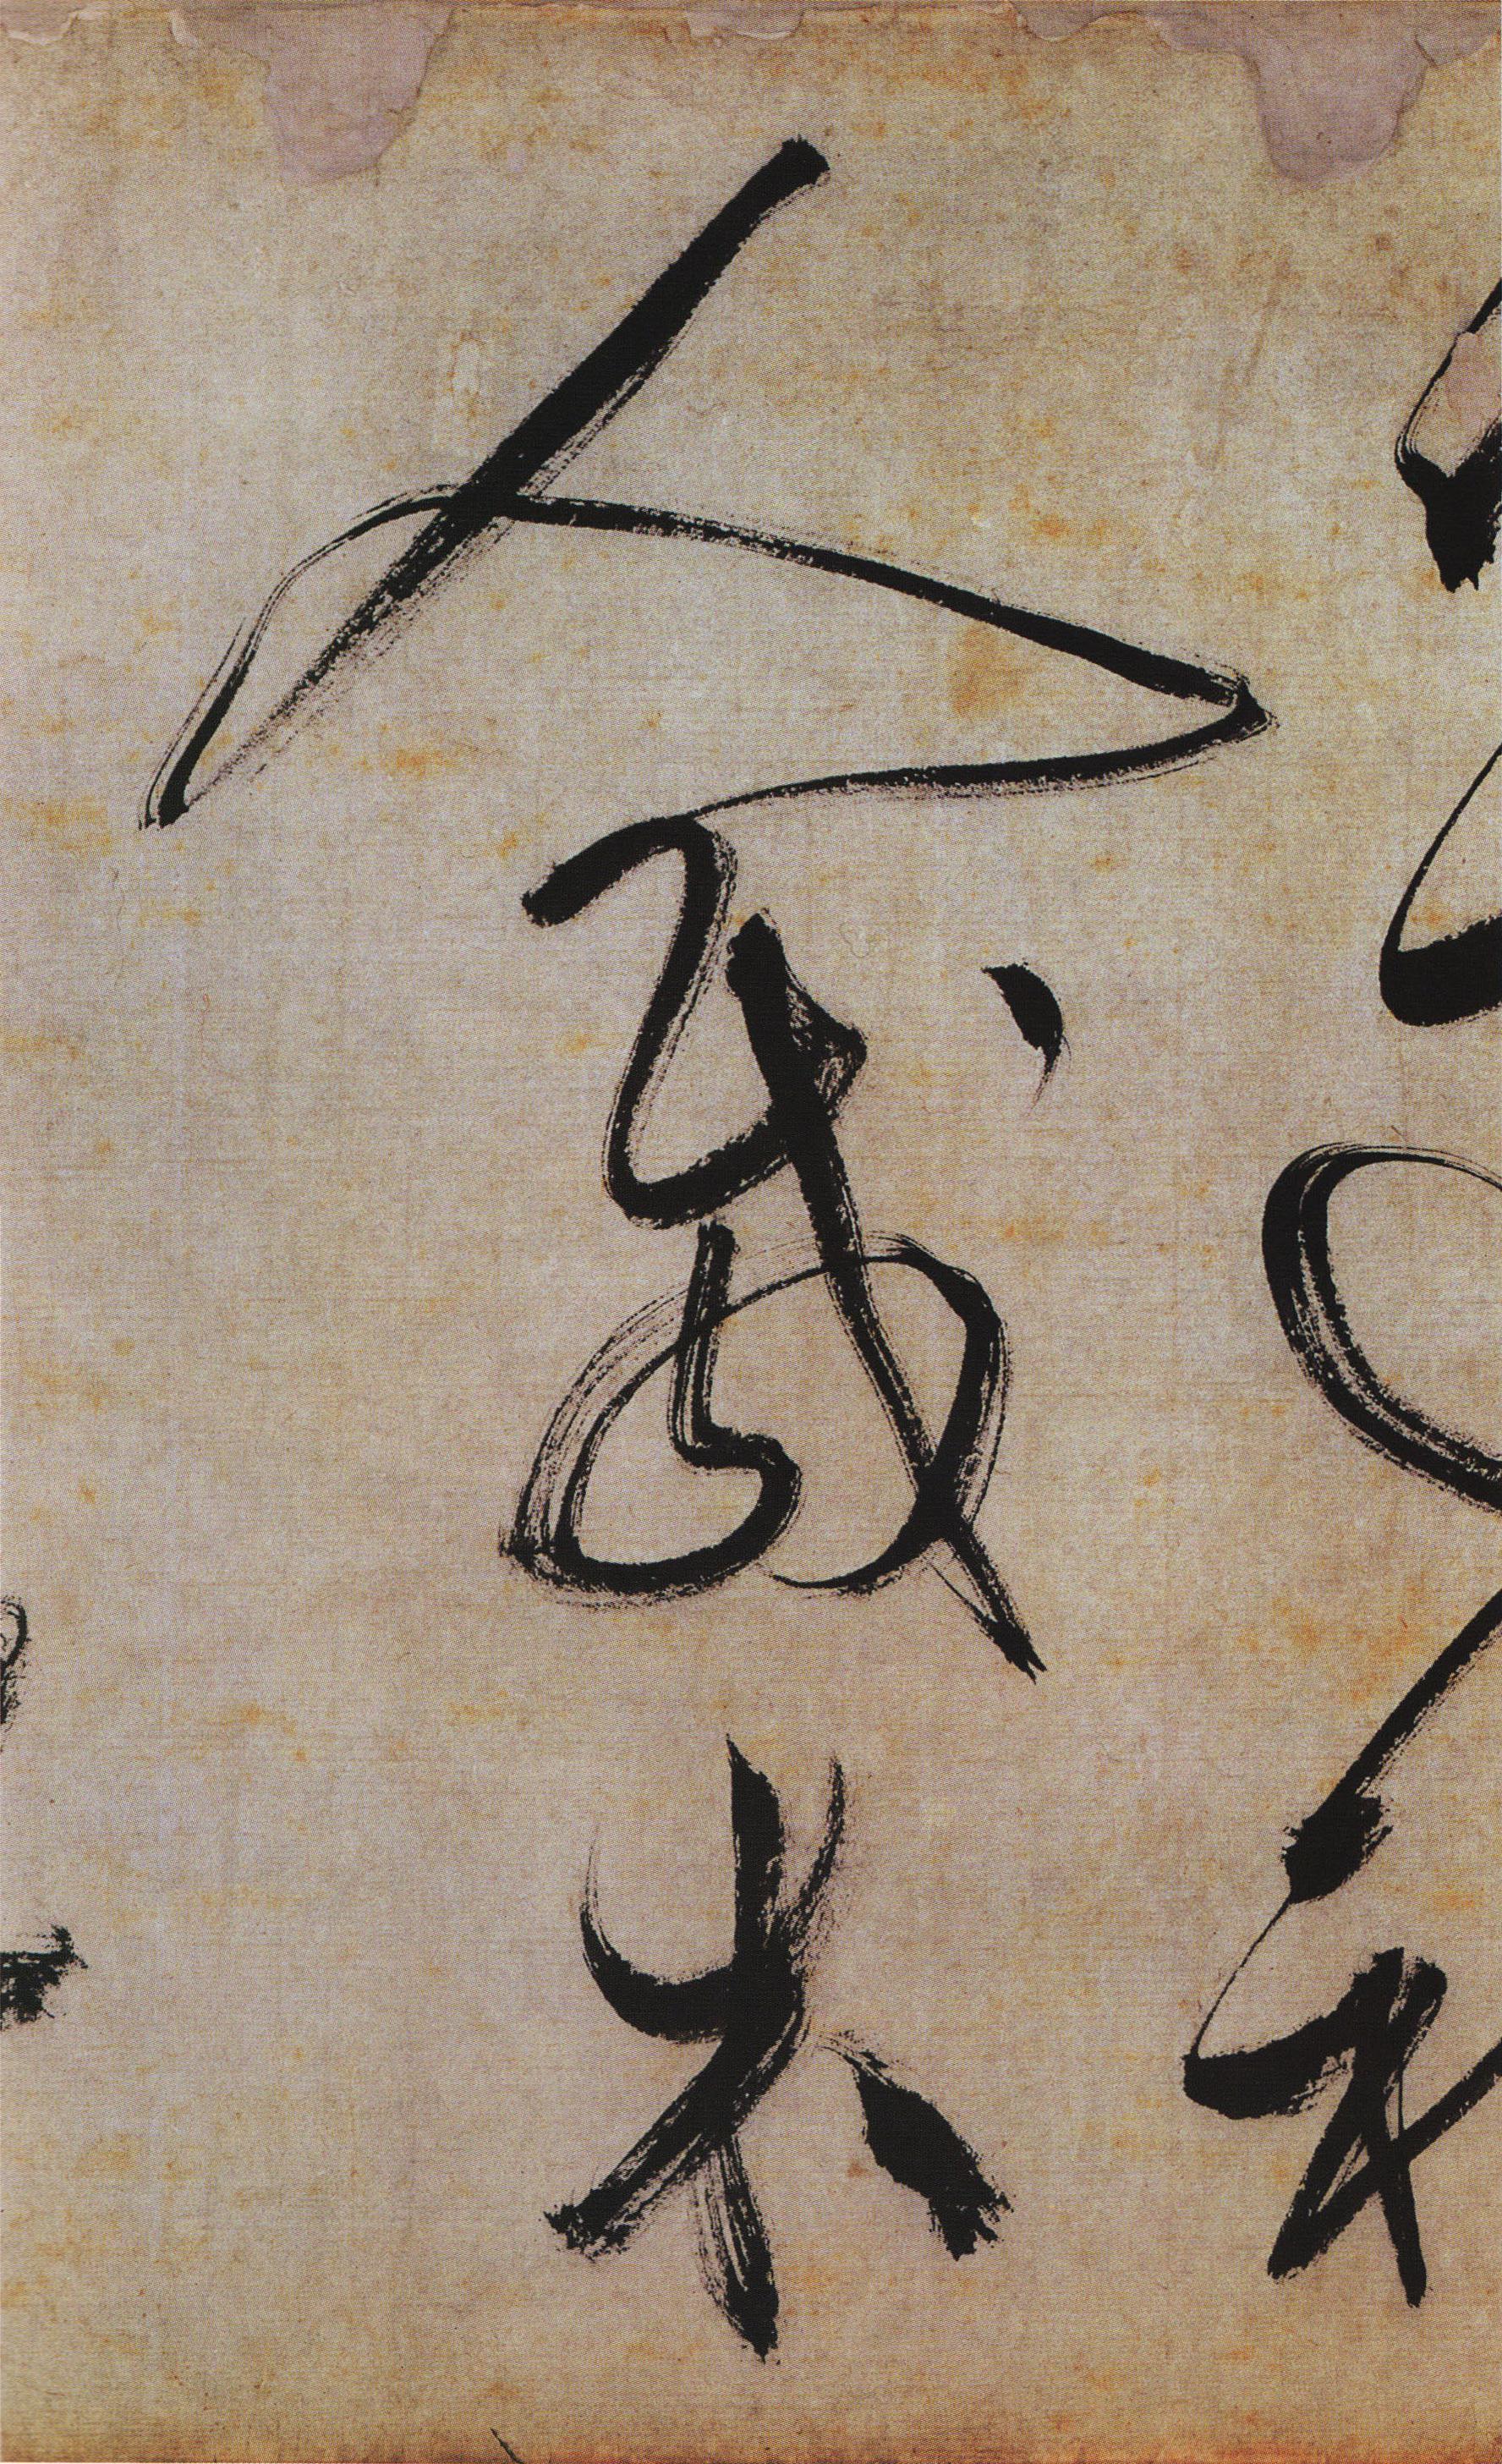 文徵明草书诗卷 - 香儿 - xianger